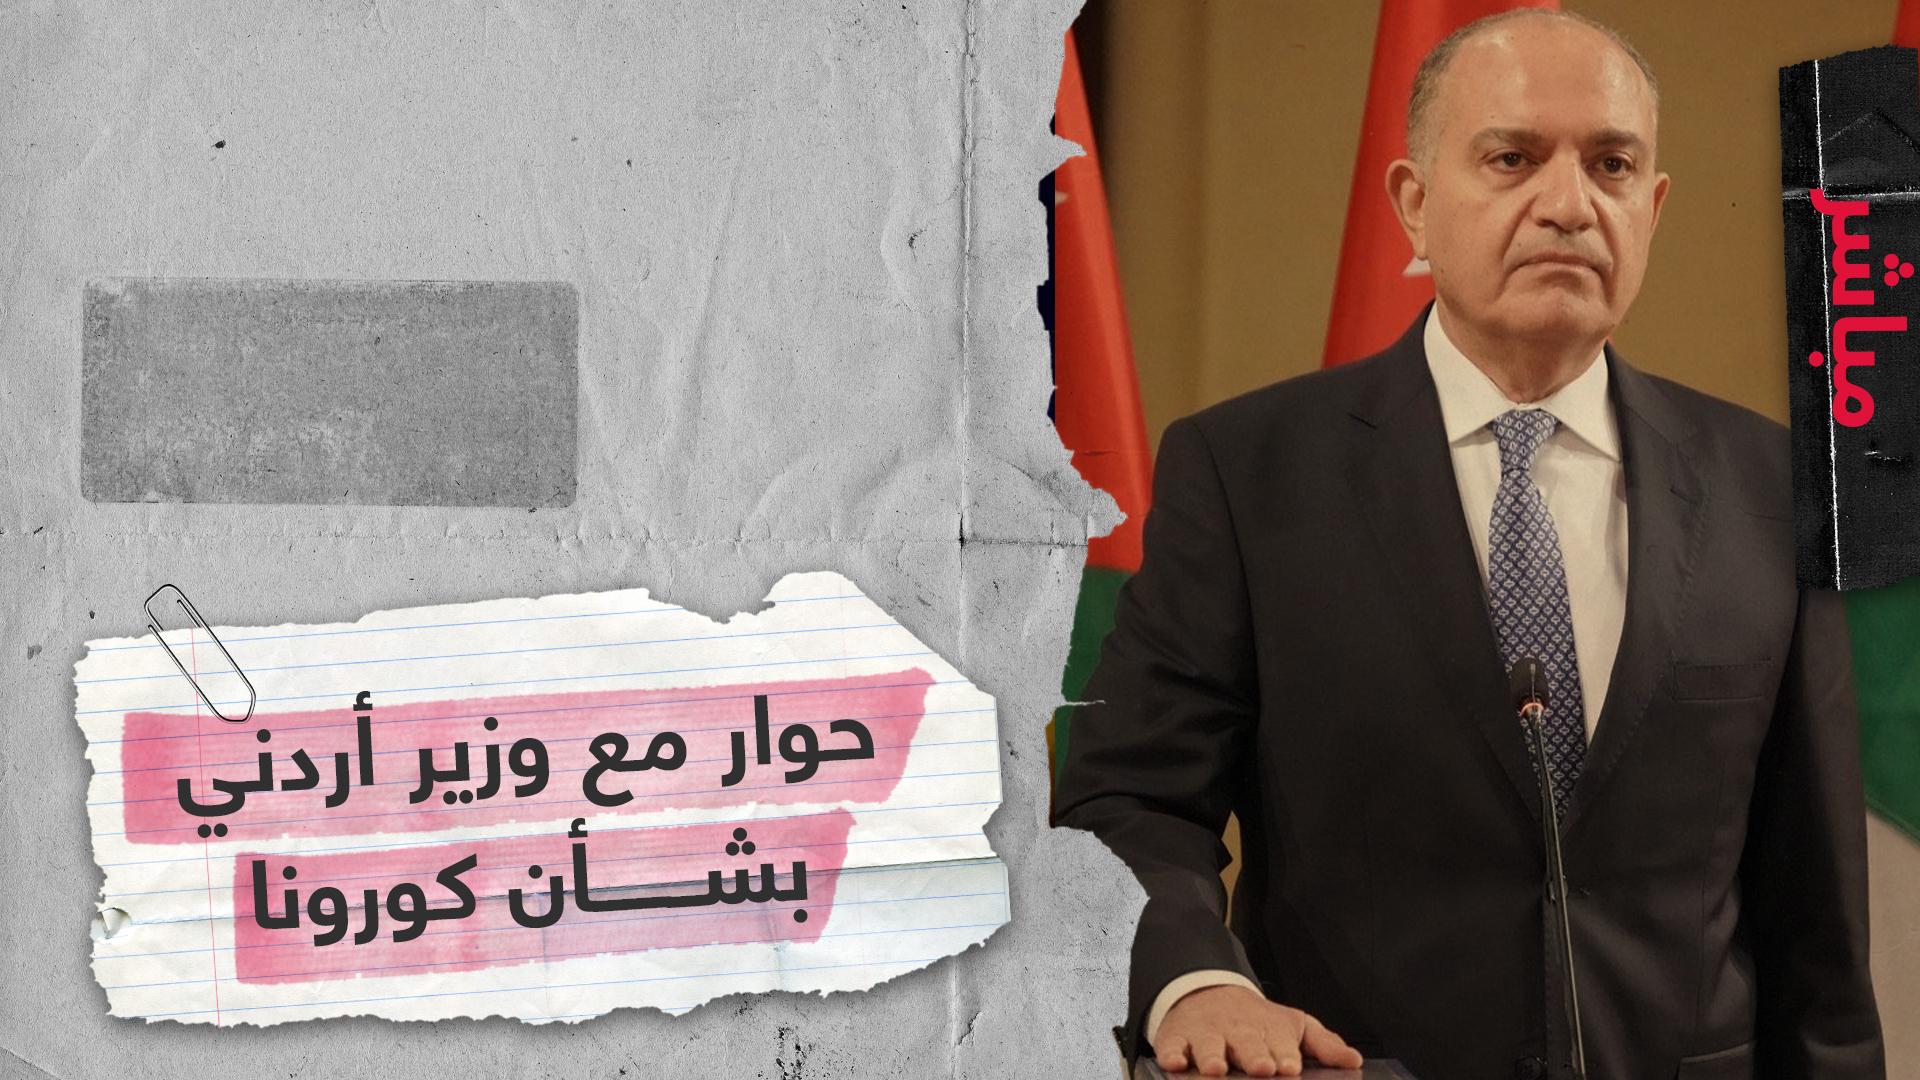 لقاء خاص مع أمجد العضايلة وزير الدولة لشؤون الإعلام بالأردن